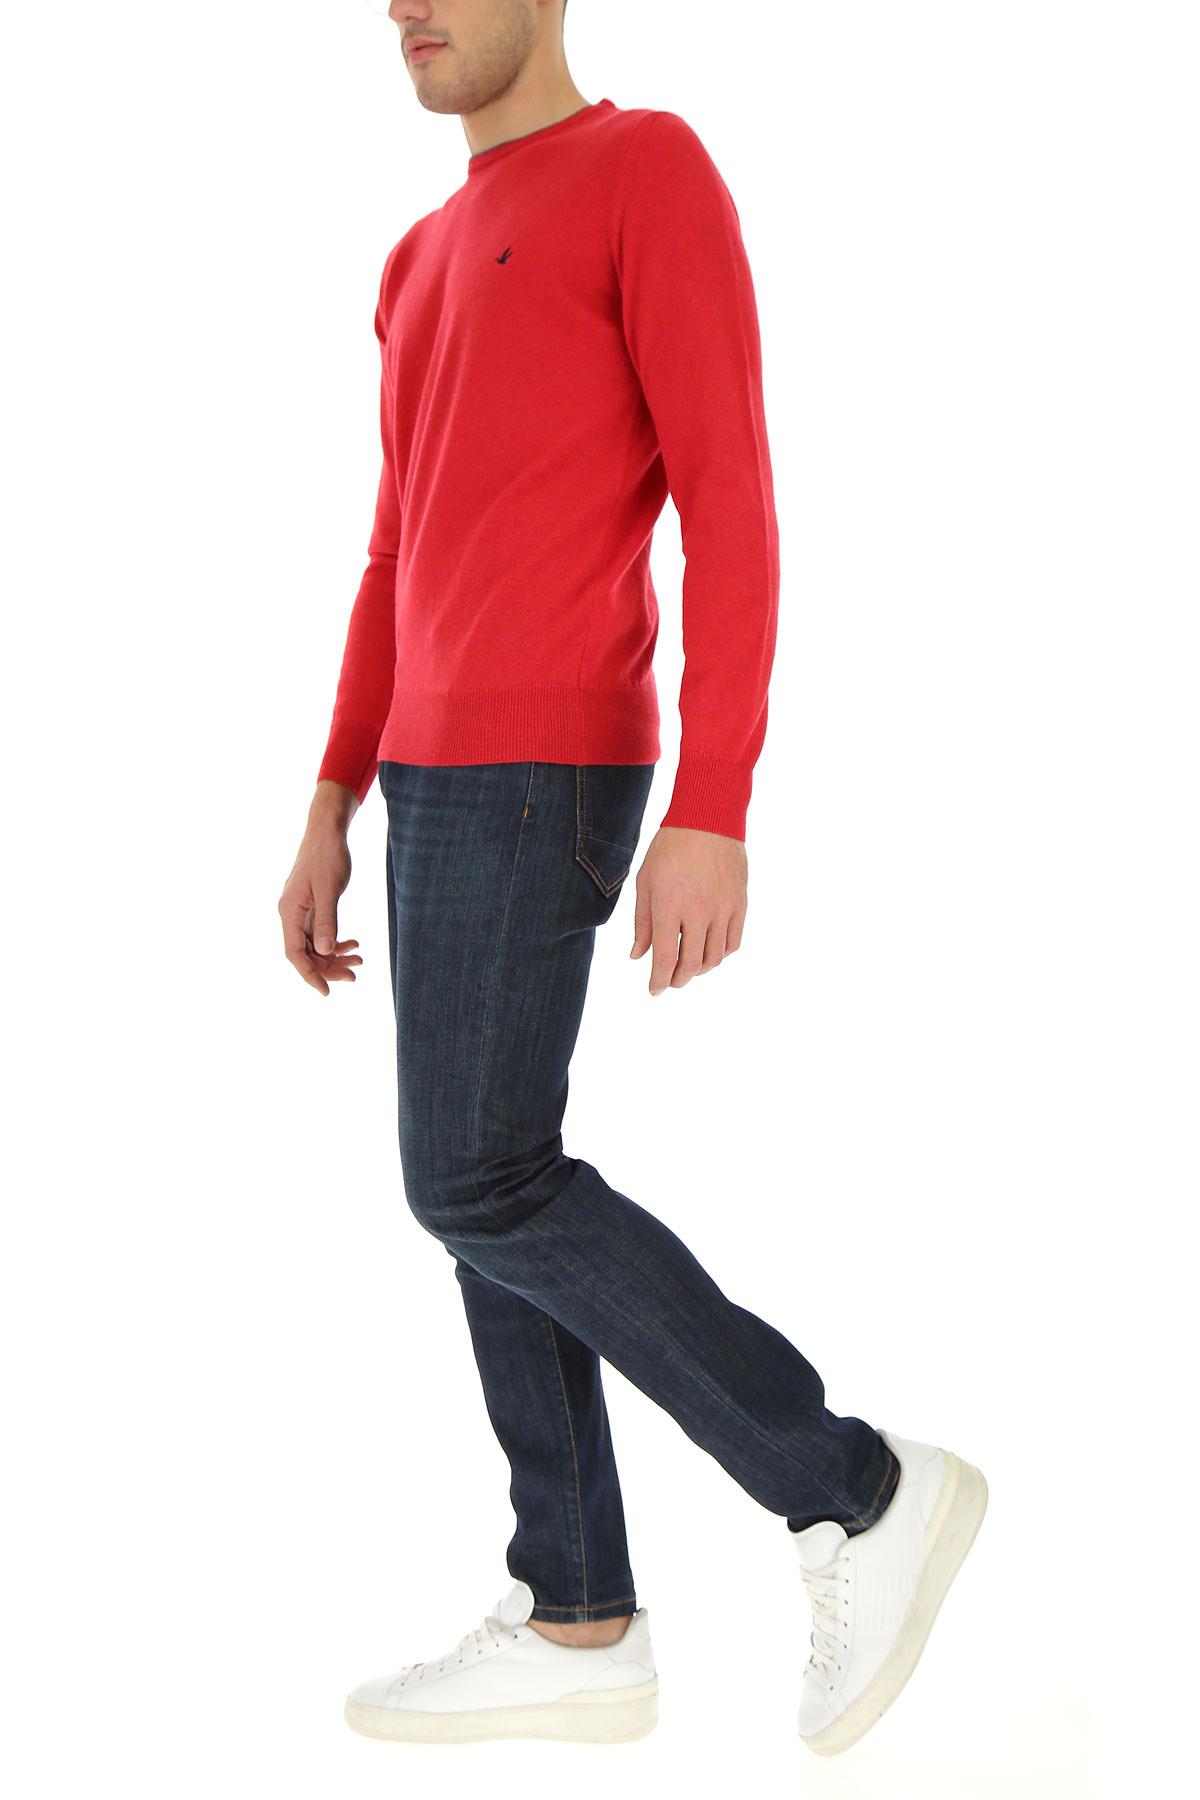 Brooksfield 2018 Para 19 Gris Hombres invierno Brillante Otoño Intermedio Ropa Rojo wC1wR